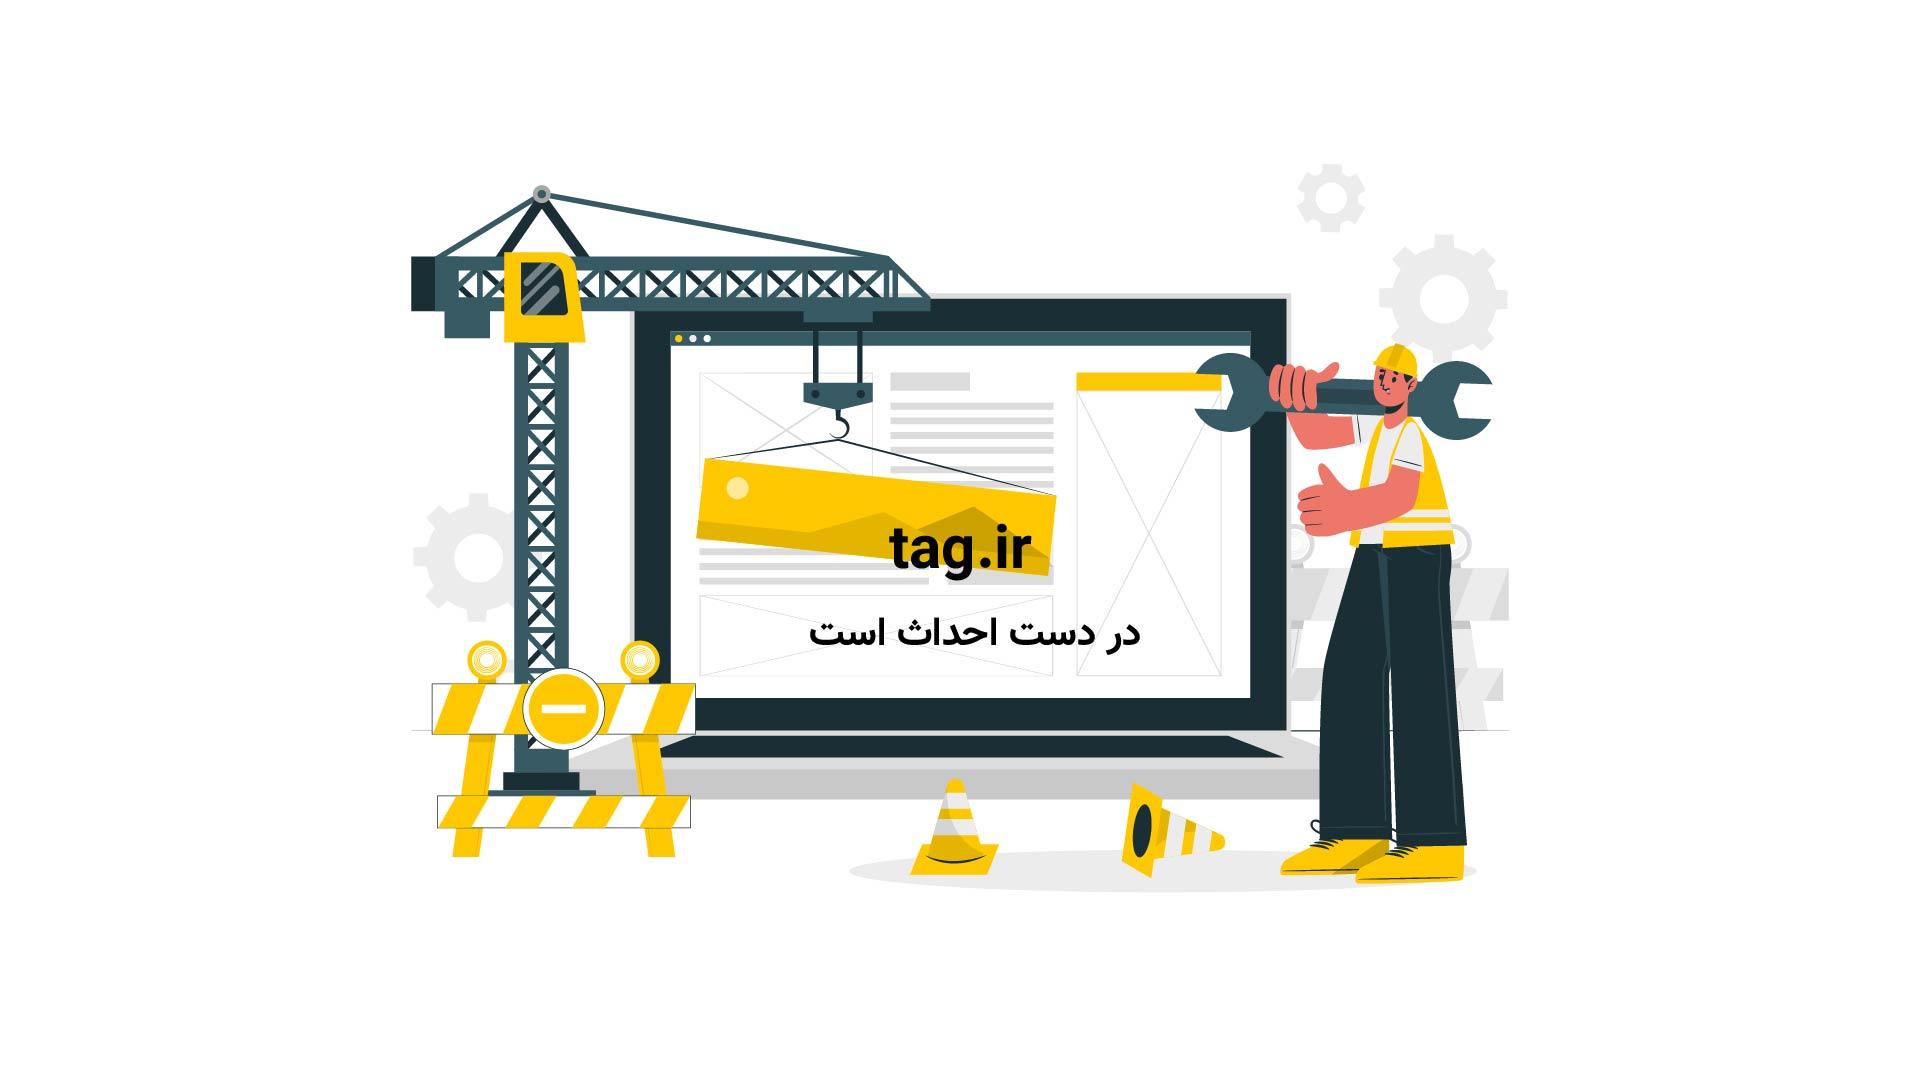 عناوین روزنامه های اقتصادی دوشنبه 26 تیر | فیلم